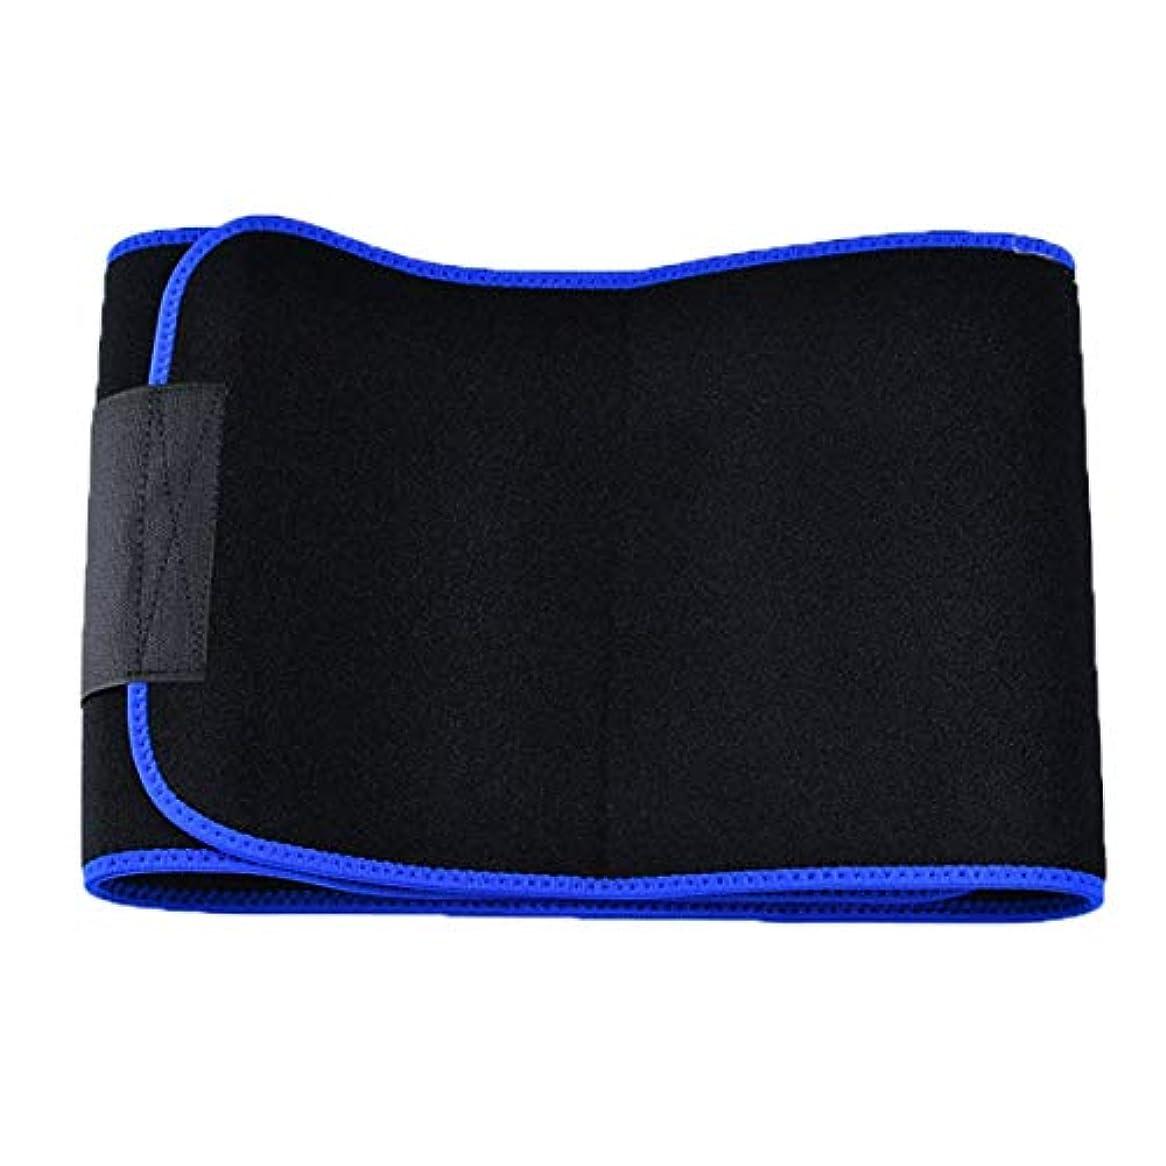 若いマッシュ訪問腹部プラスチックベルトウエストサポートボディシェイパートレーニングコルセット痩身ウエストベルトスリム汗スポーツ保護具